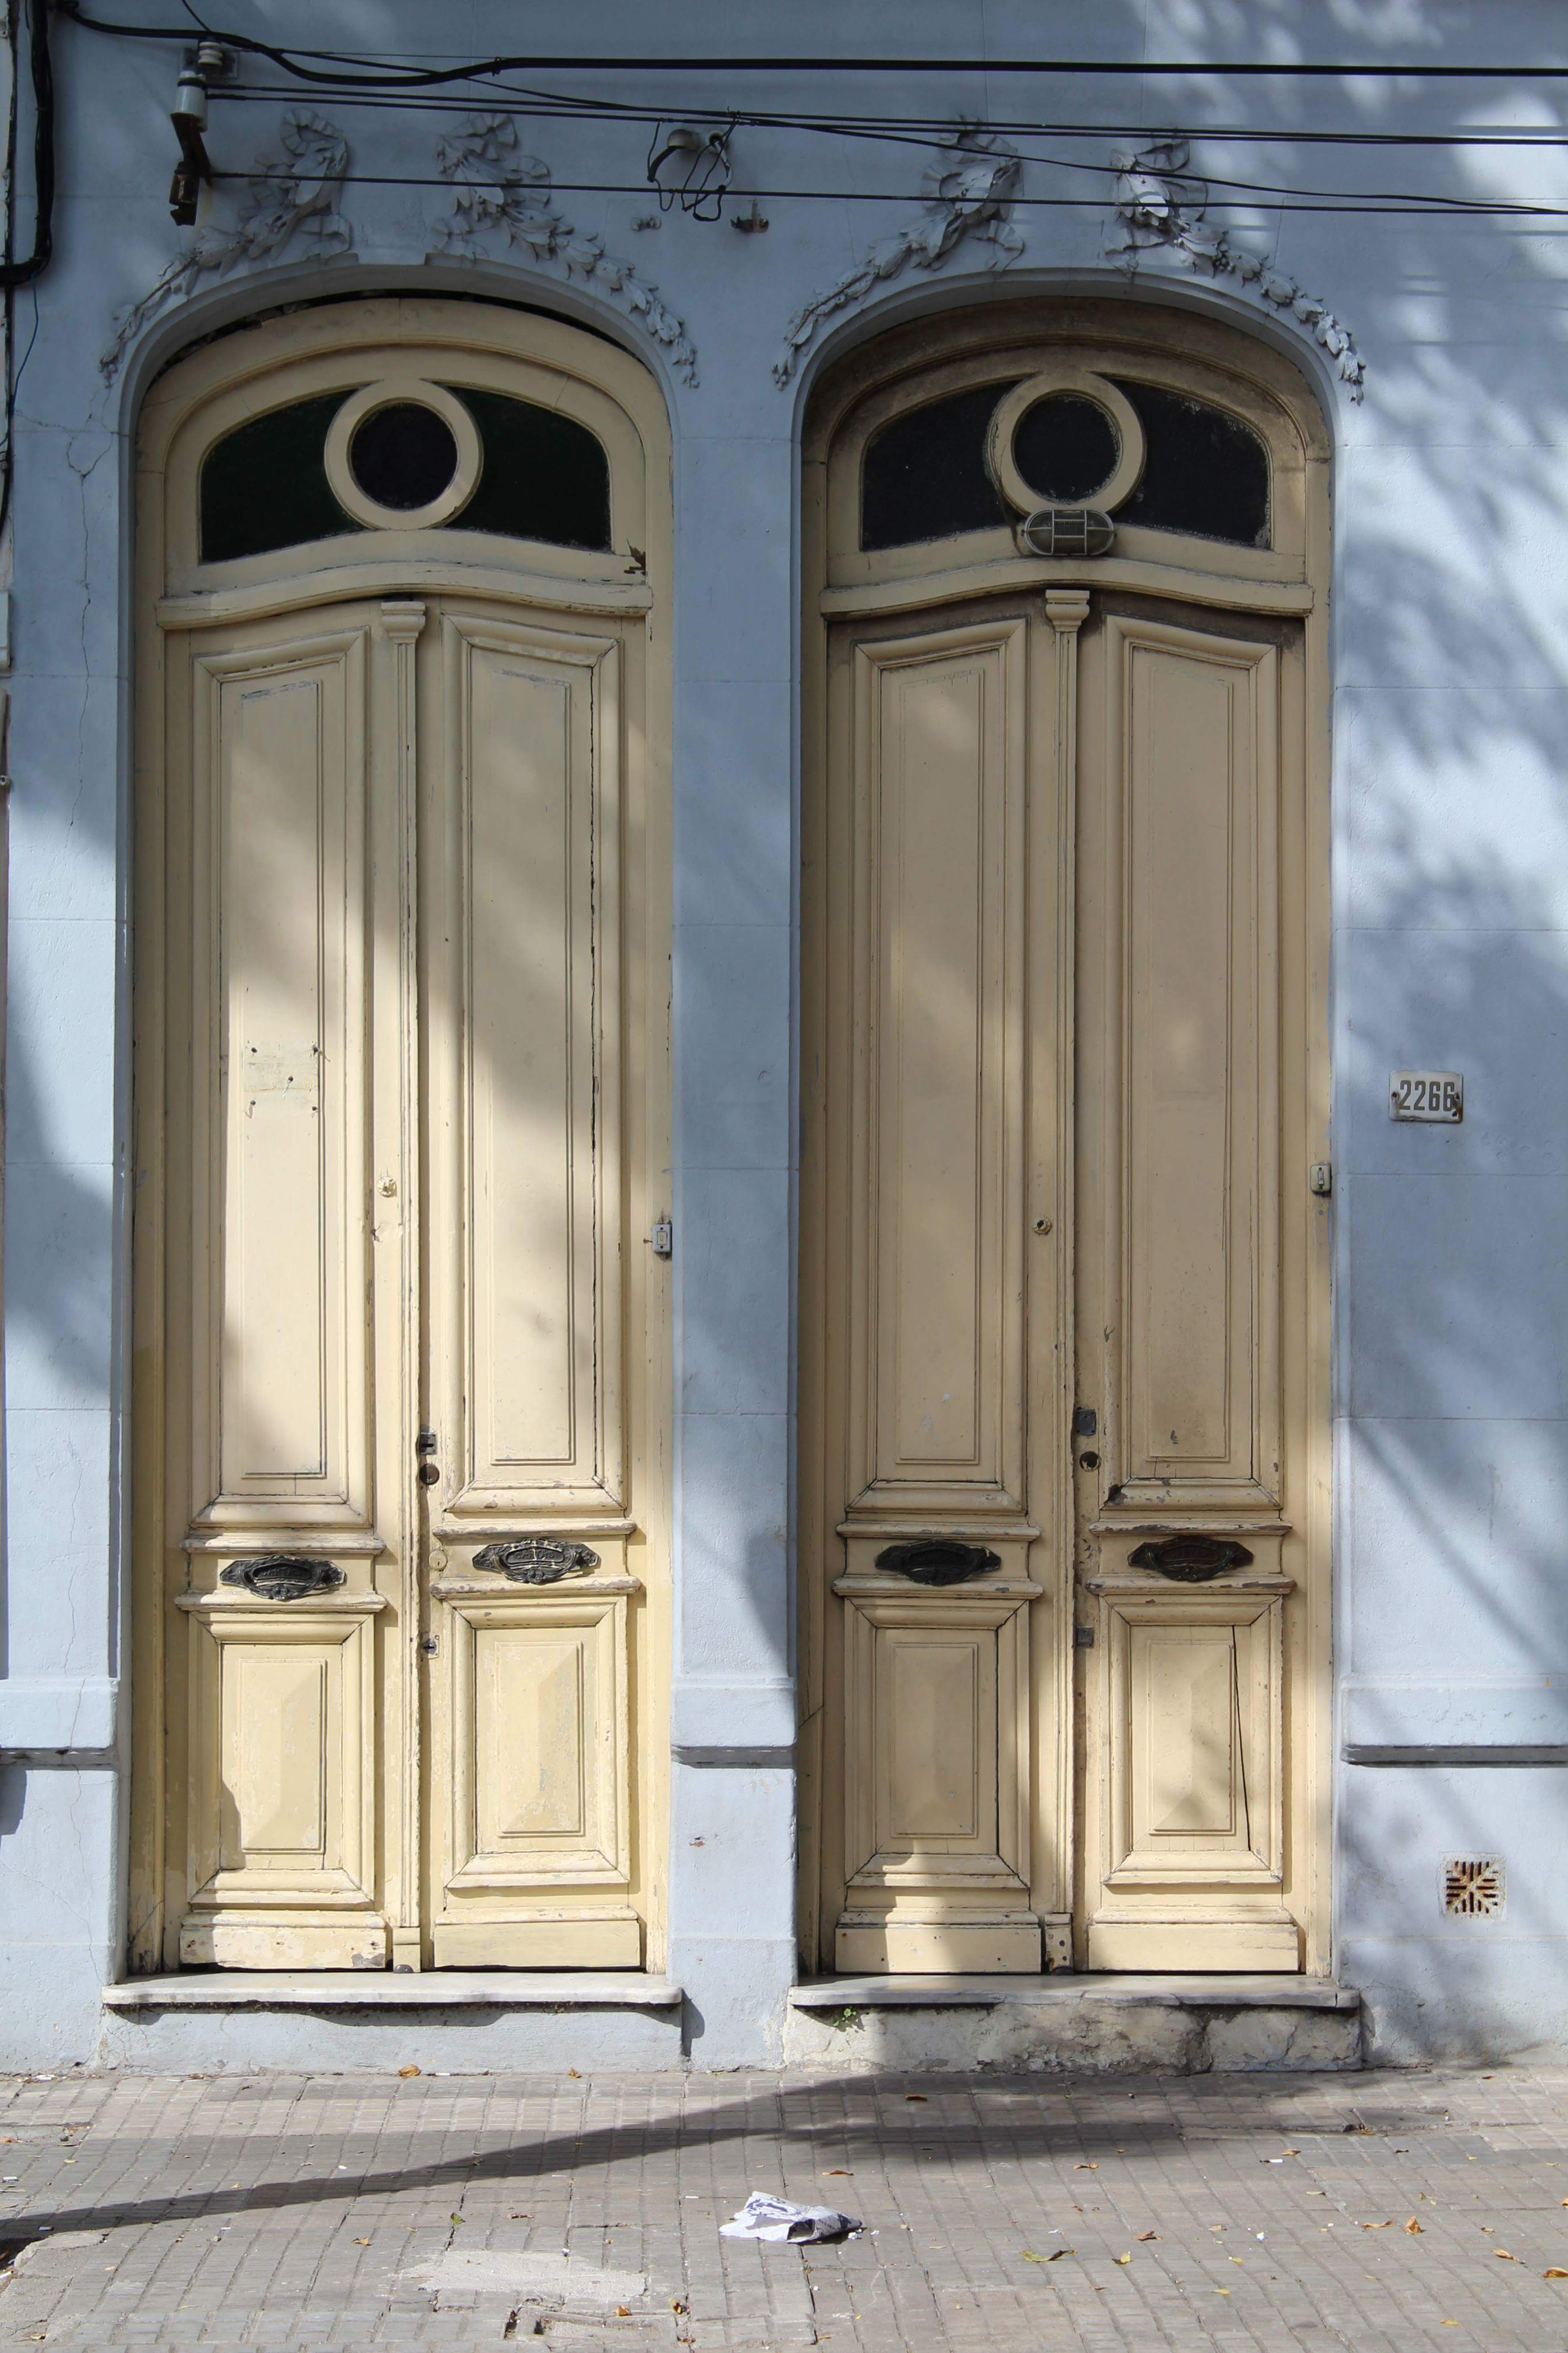 7. kép: Montevideó tipikus ajtói: hihetetlenül magasra nyúló díszítéssel.